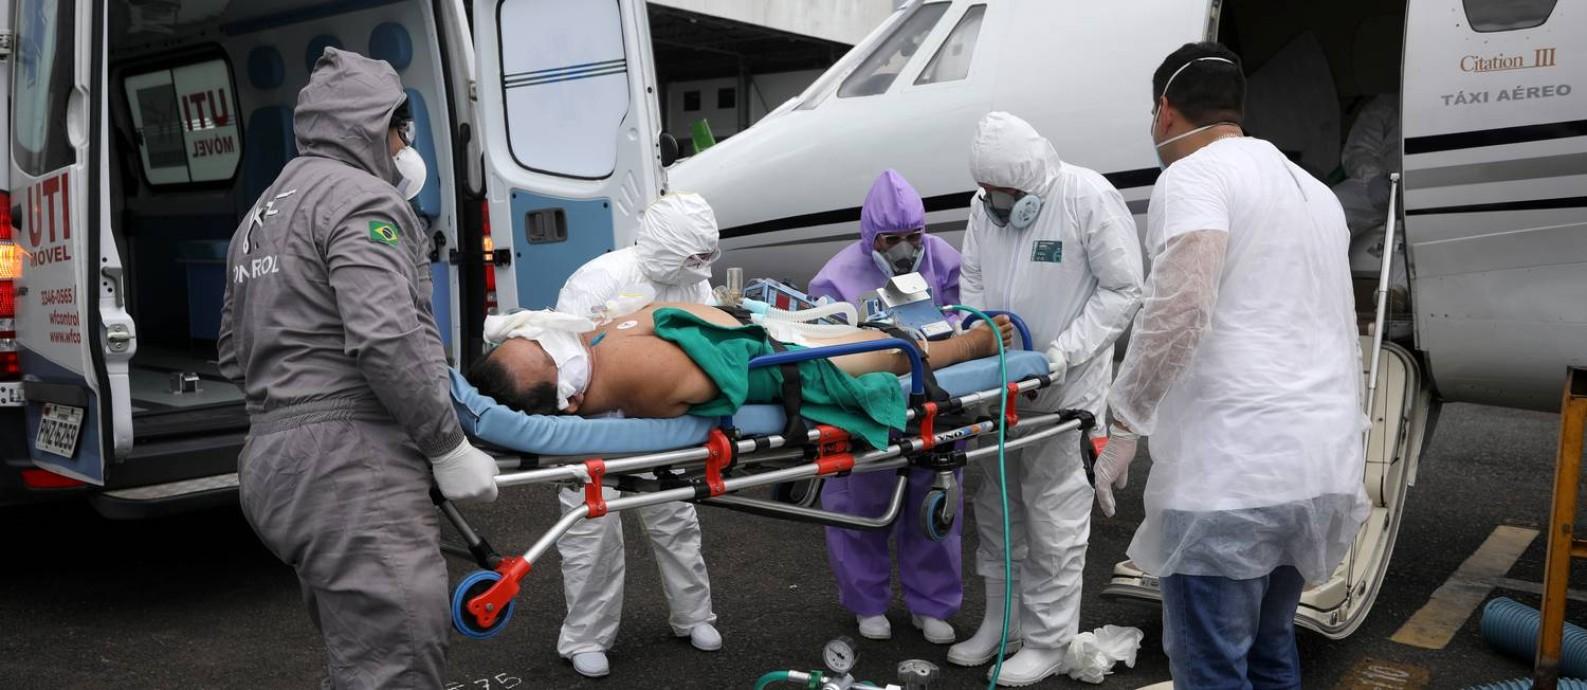 Paciente com Covid-19 é colocado dentro de uma UTI aérea em Tabatinga, de onde não é possível chegar a um leito SUS por vias terrestres, a caminho de Manaus, capital do Amazonas Foto: Bruno Kelly / Reuters